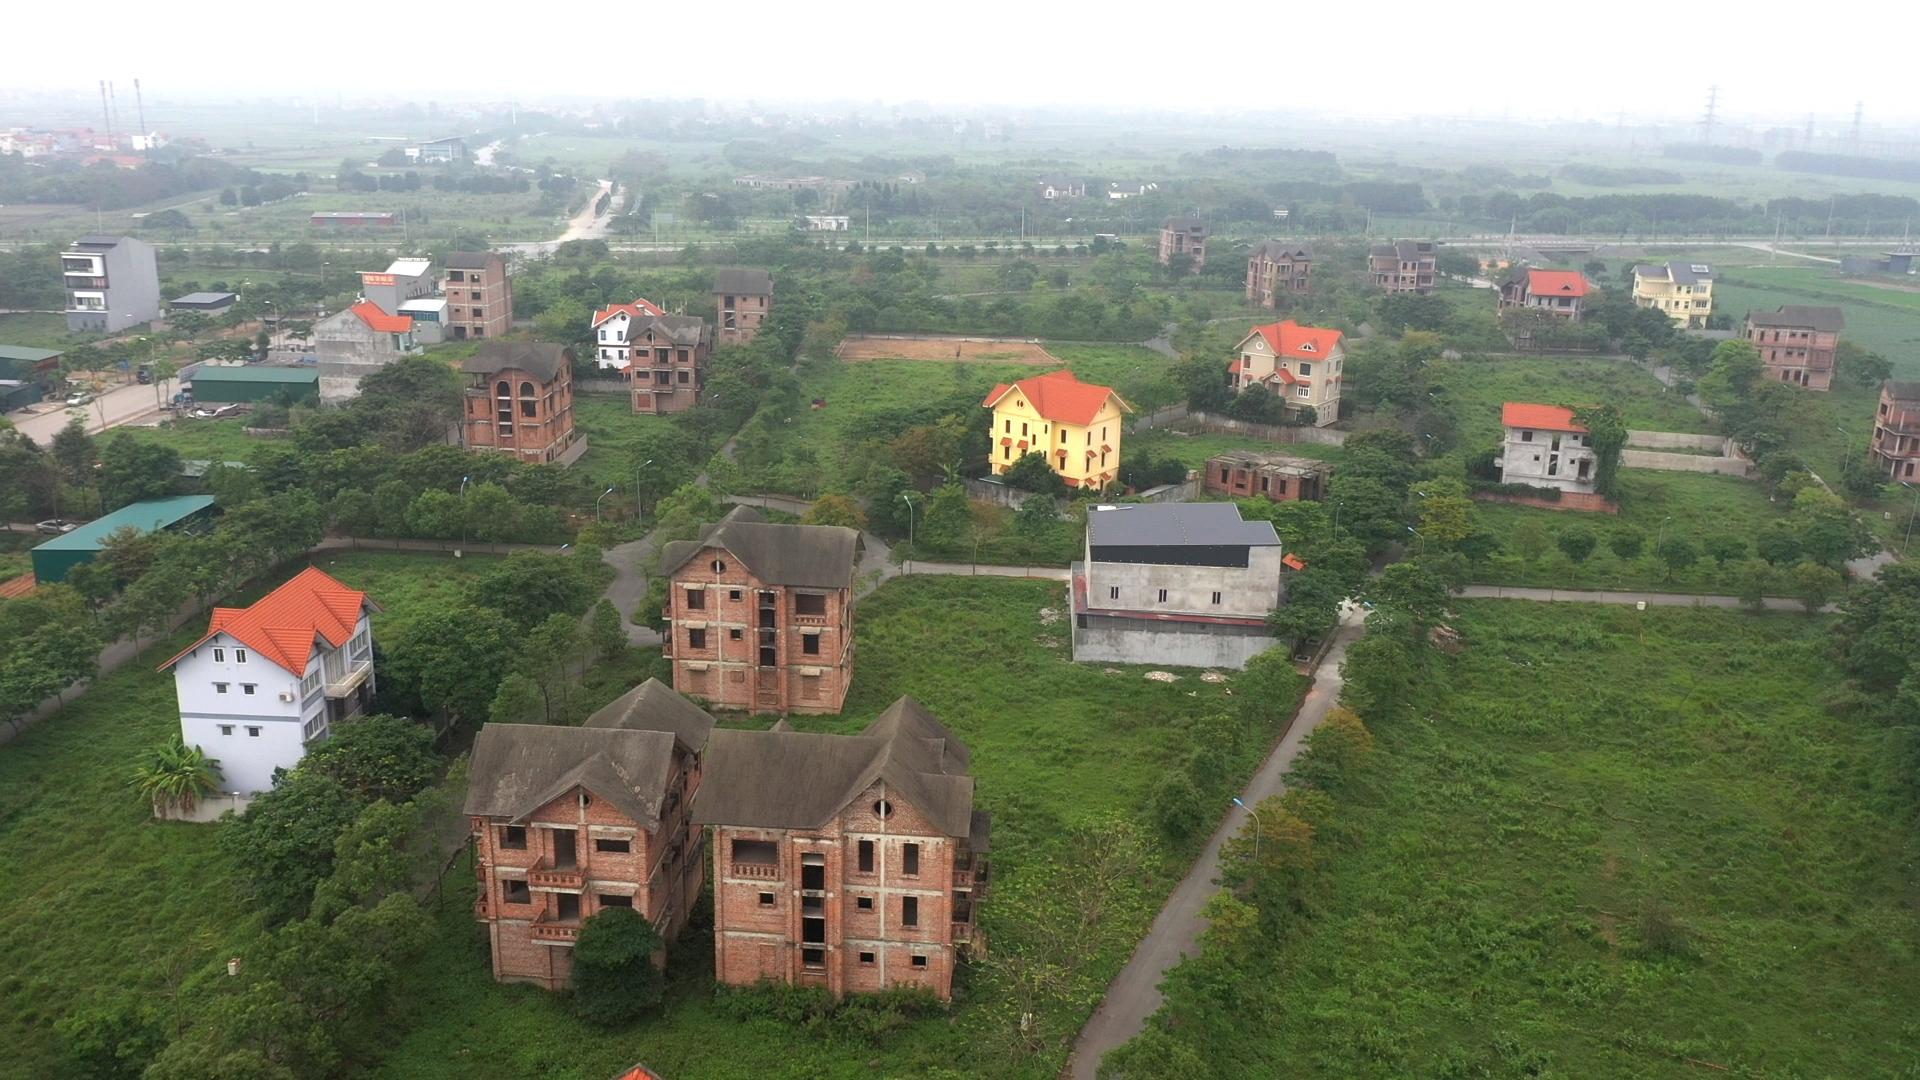 60 dự án chậm triển khai tại Mê Linh đều đã hết hạn đầu tư